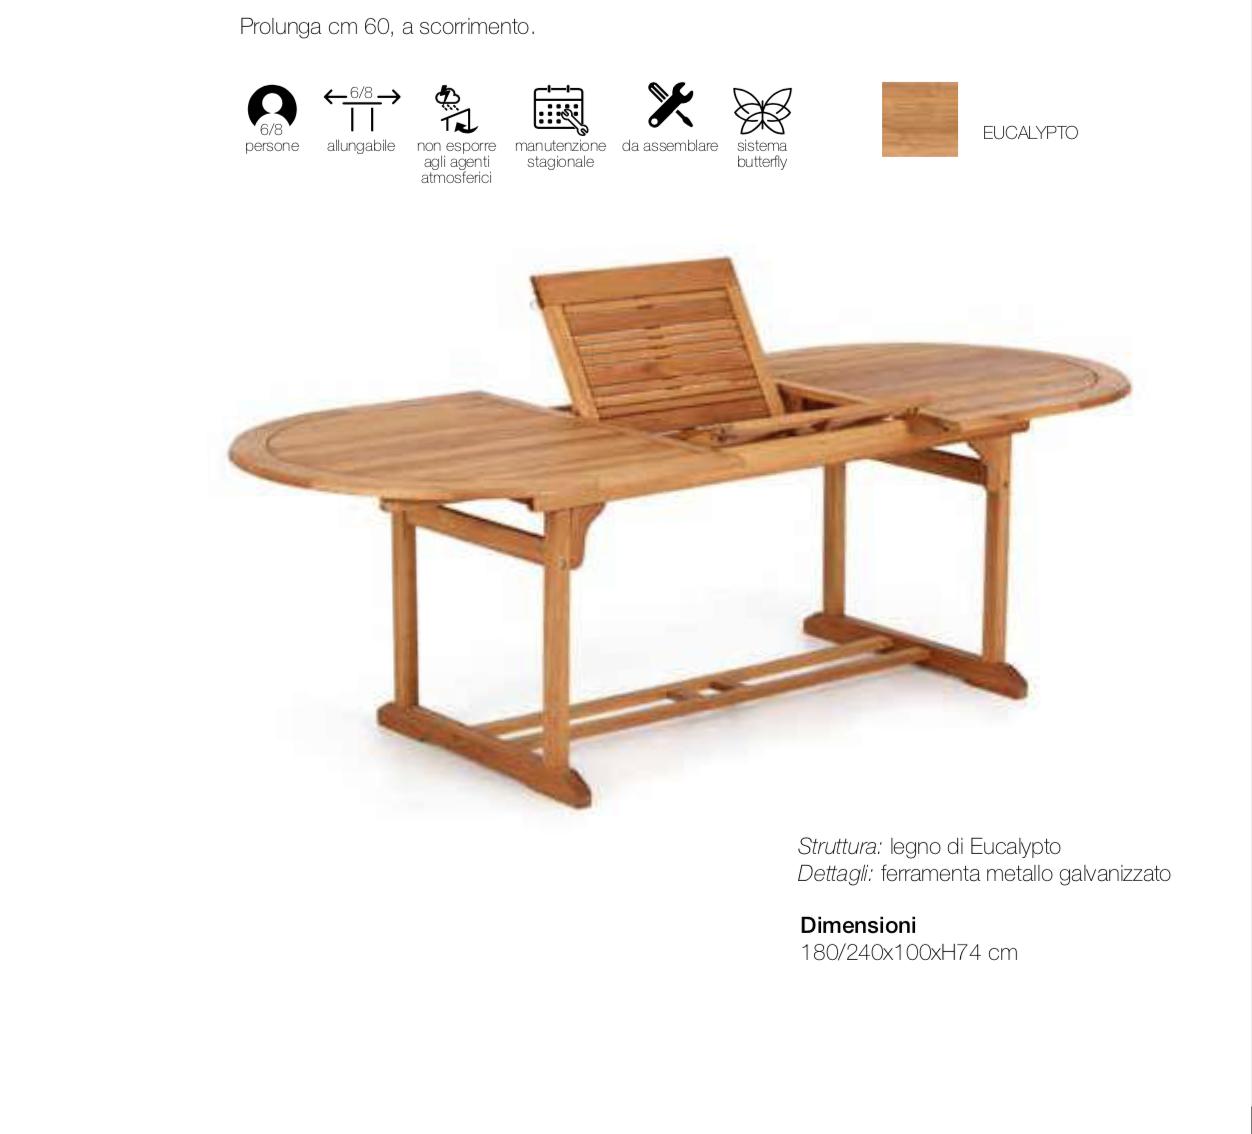 Tavolo Da Giardino In Ferro Allungabile.Tavolo Ovale Allungabile Da Giardino 180x100cm Pignataro Shop